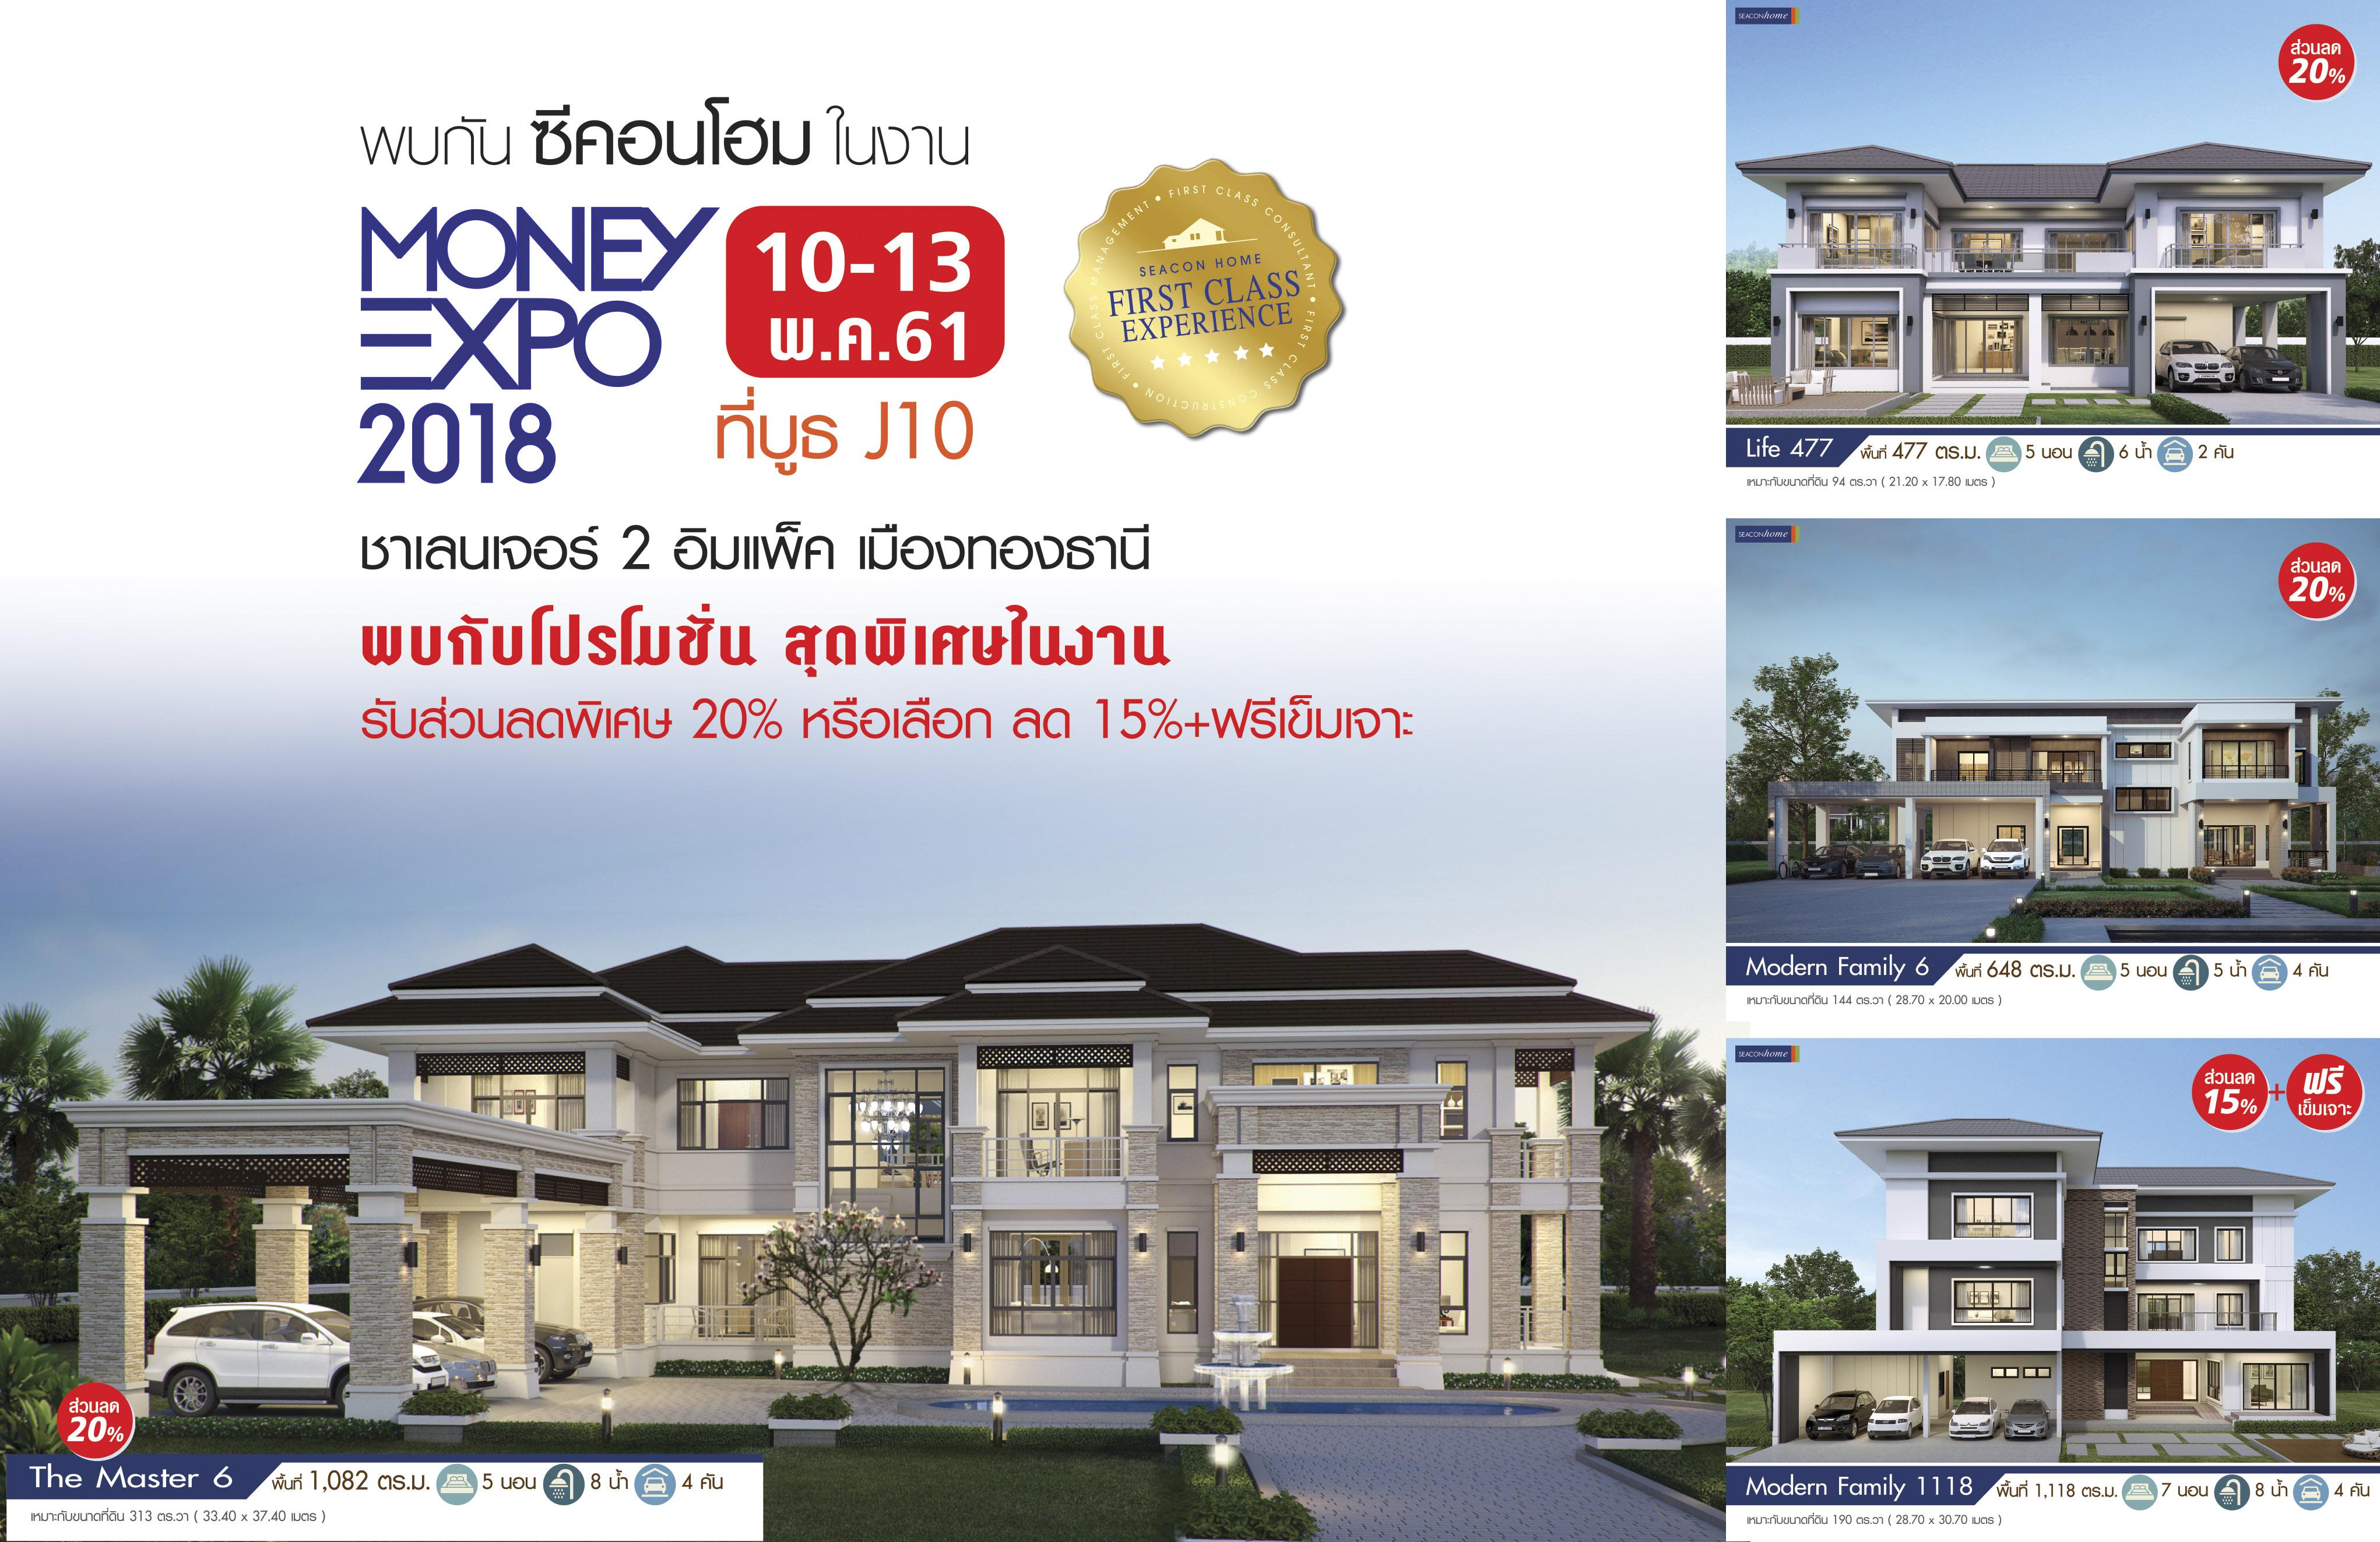 บูธ Seacon Home @Money Expo2018 ชาเลนเจอร์ 2 อิมแพค เมืองทองธานี 10-13 พ.ค. นี้